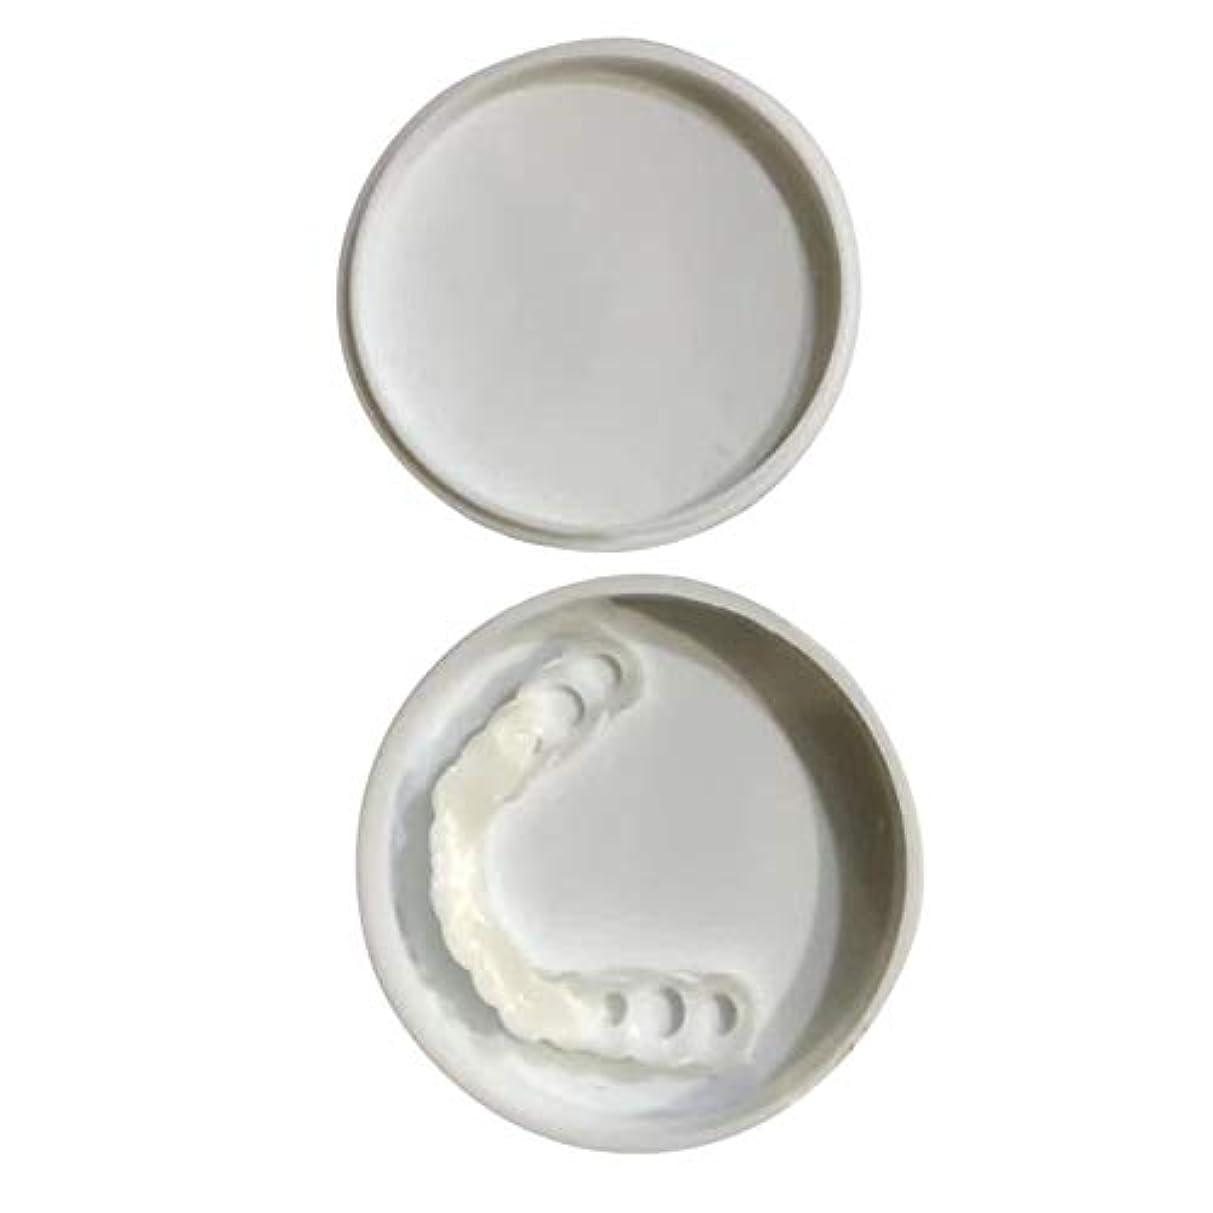 快適なスナップオン男性女性歯インスタントパーフェクトスマイルコンフォートフィットフレックス歯フィットホワイトニング笑顔偽歯カバー - ホワイト